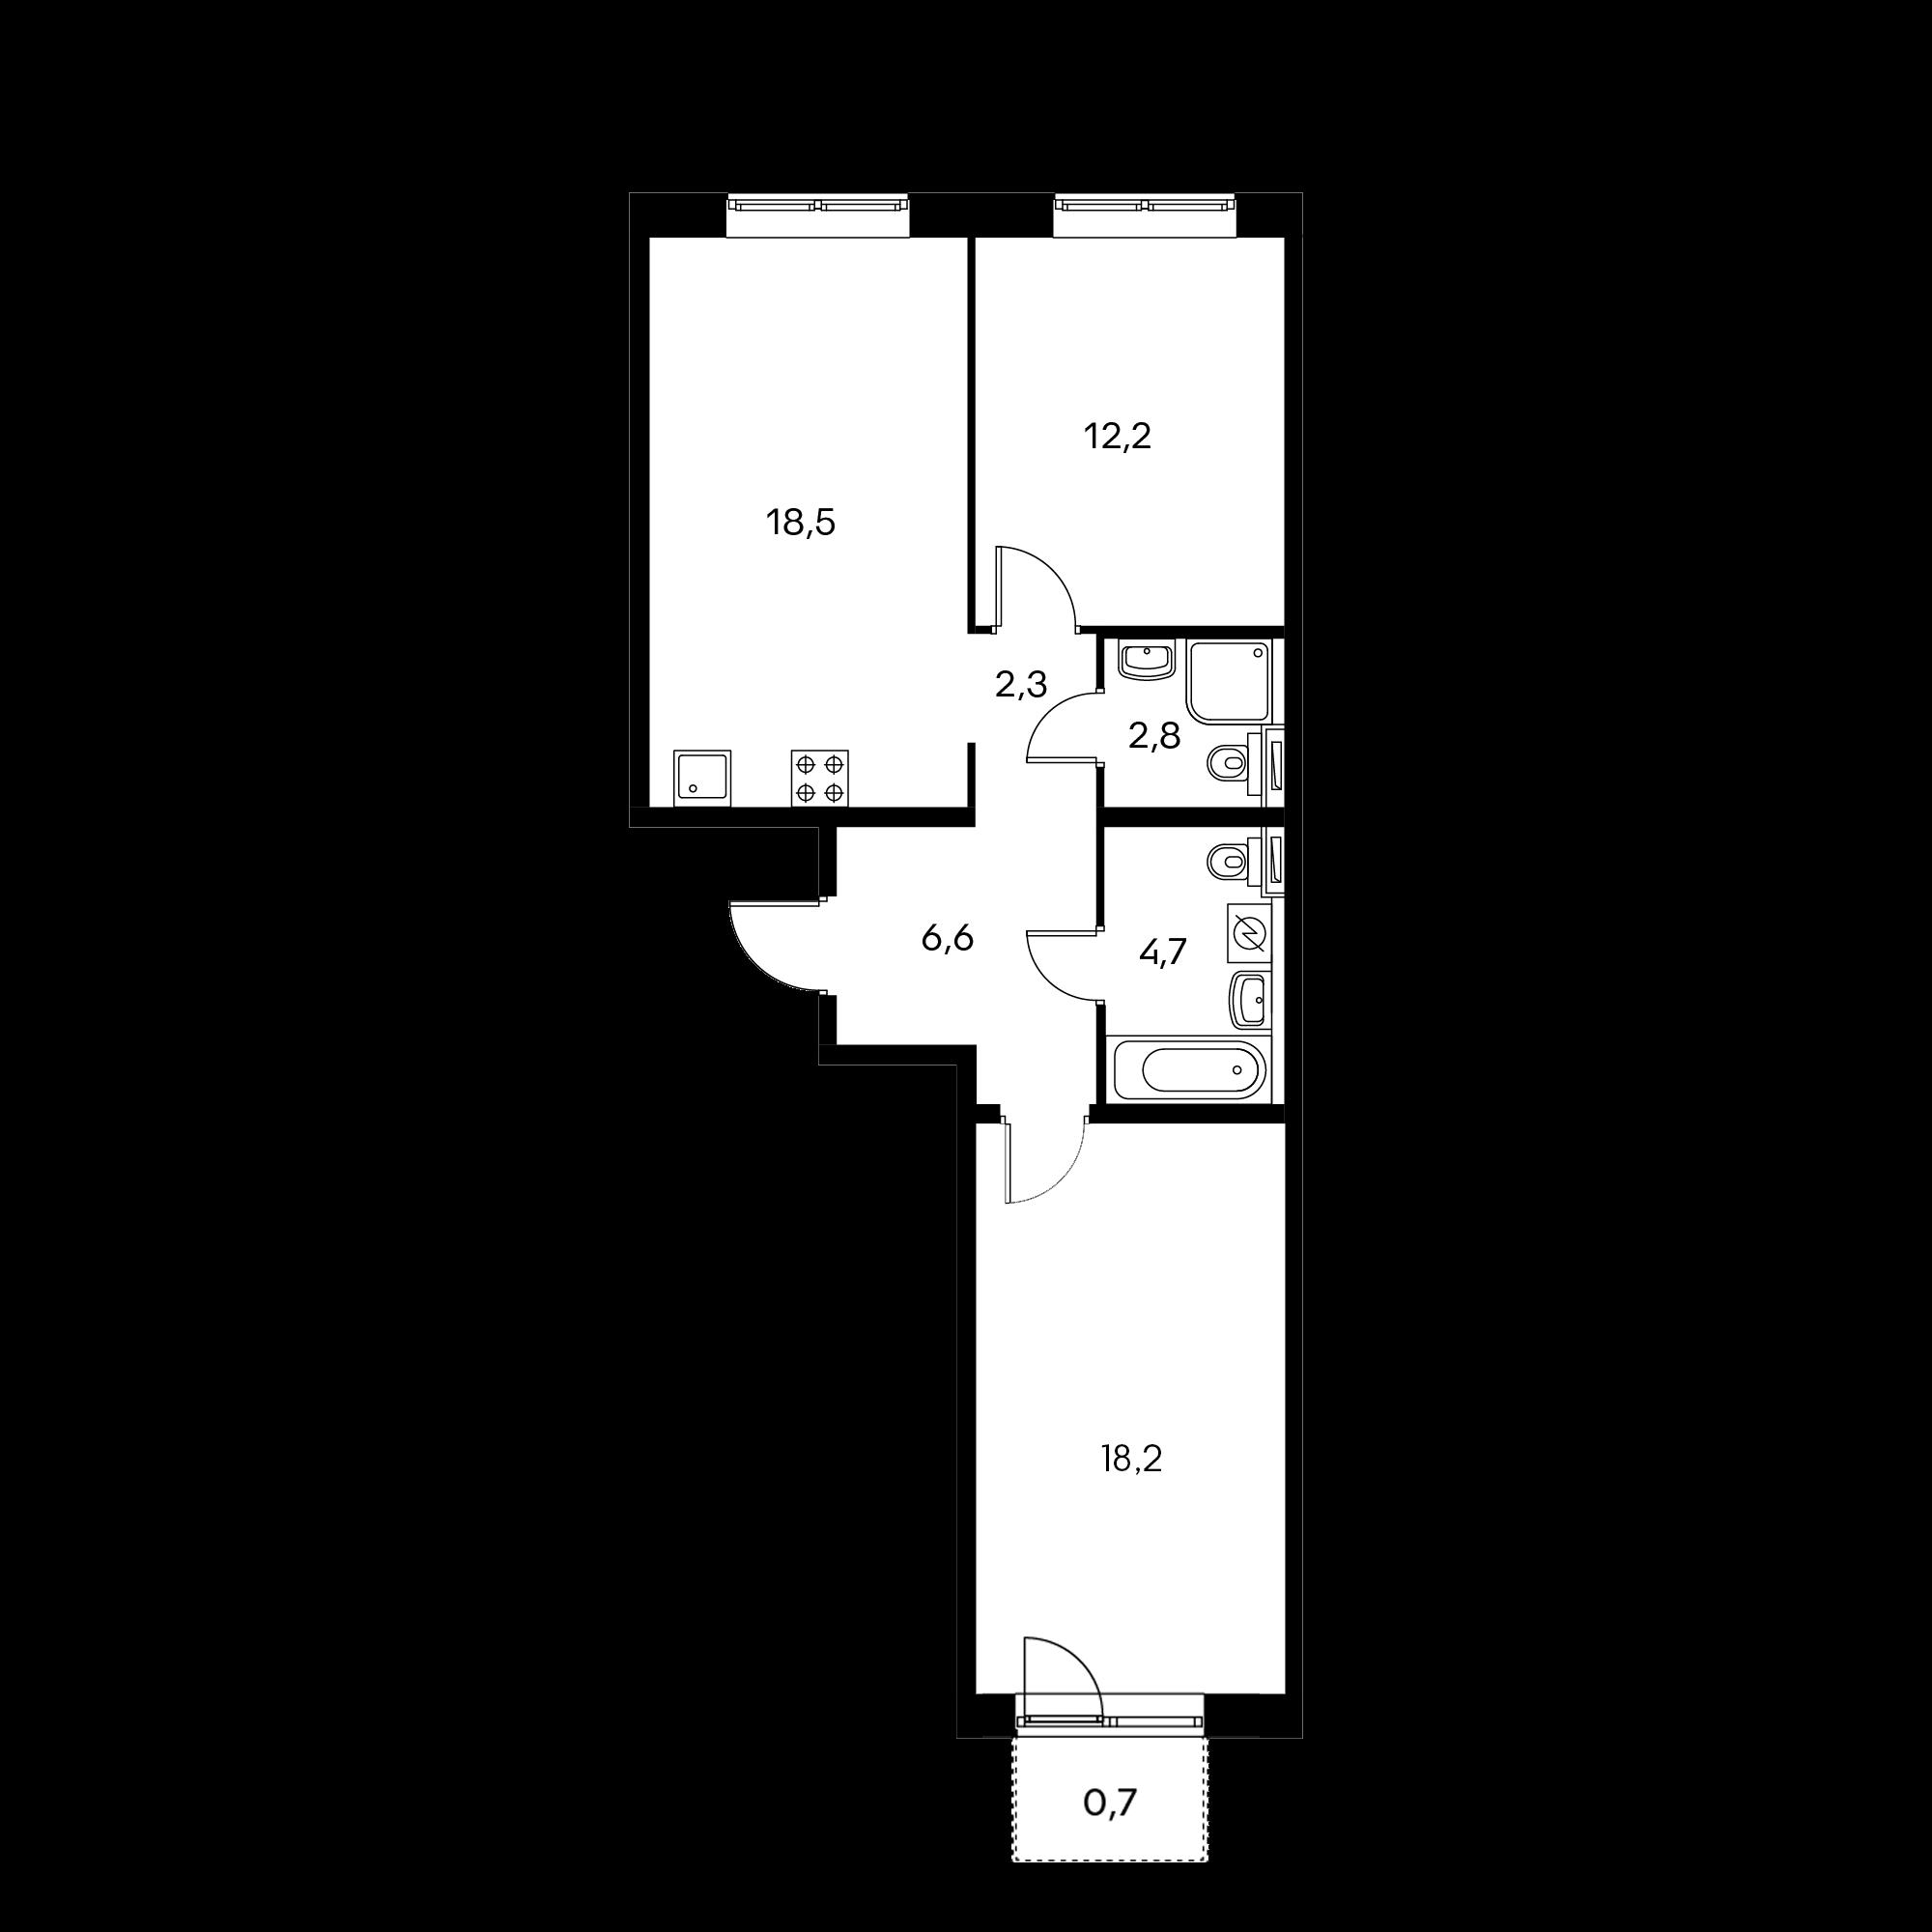 2EL3_6.6-1SAB3